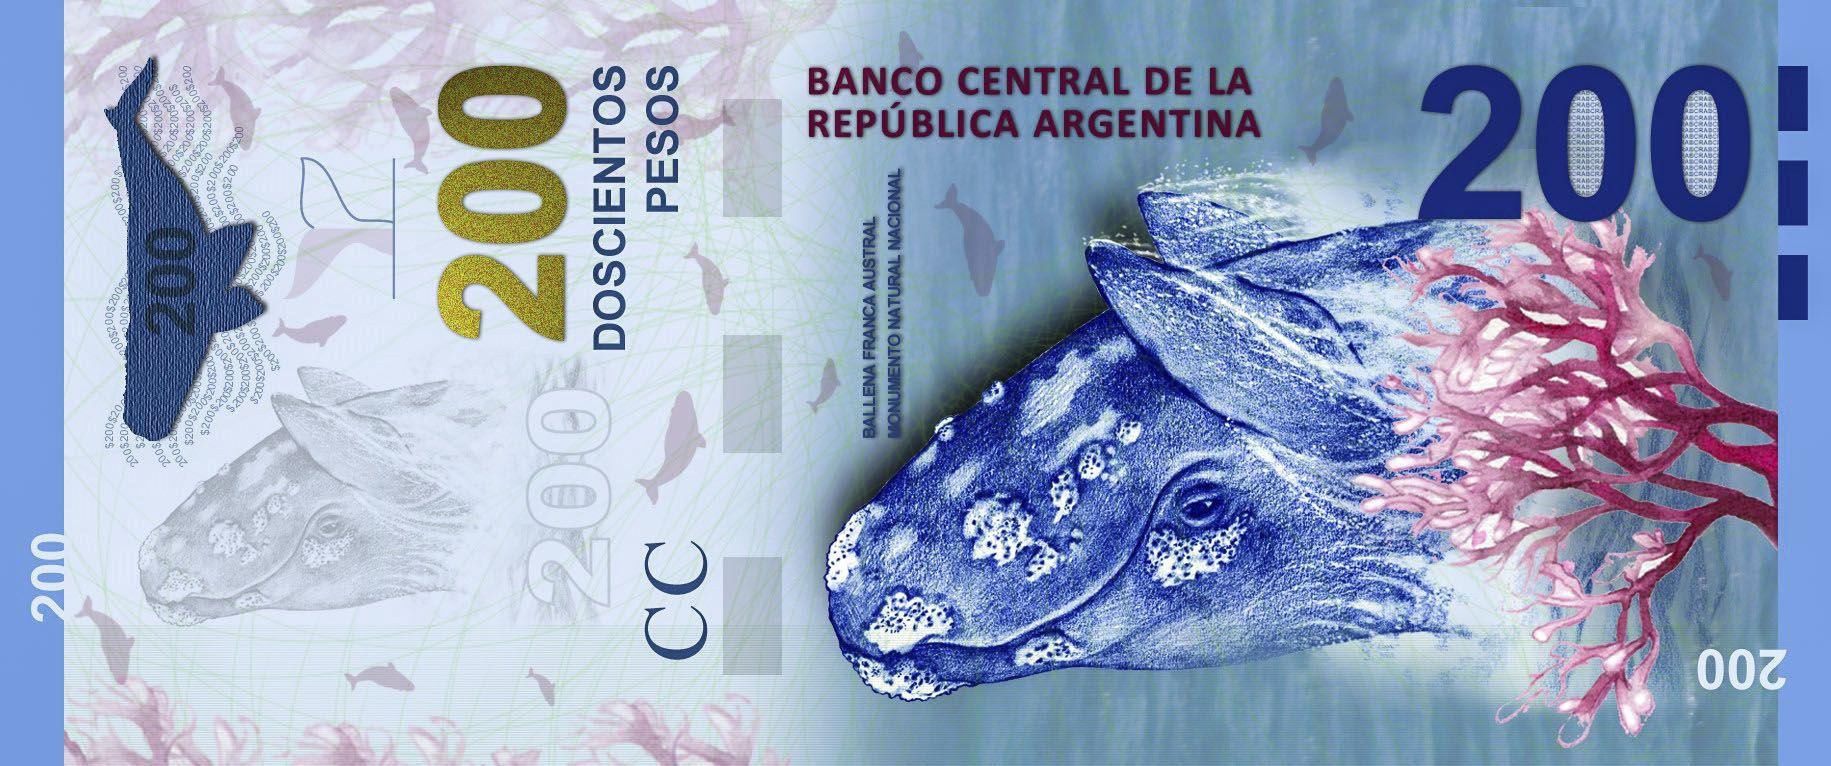 El insólito error en la ballena del nuevo billete de 200 pesos